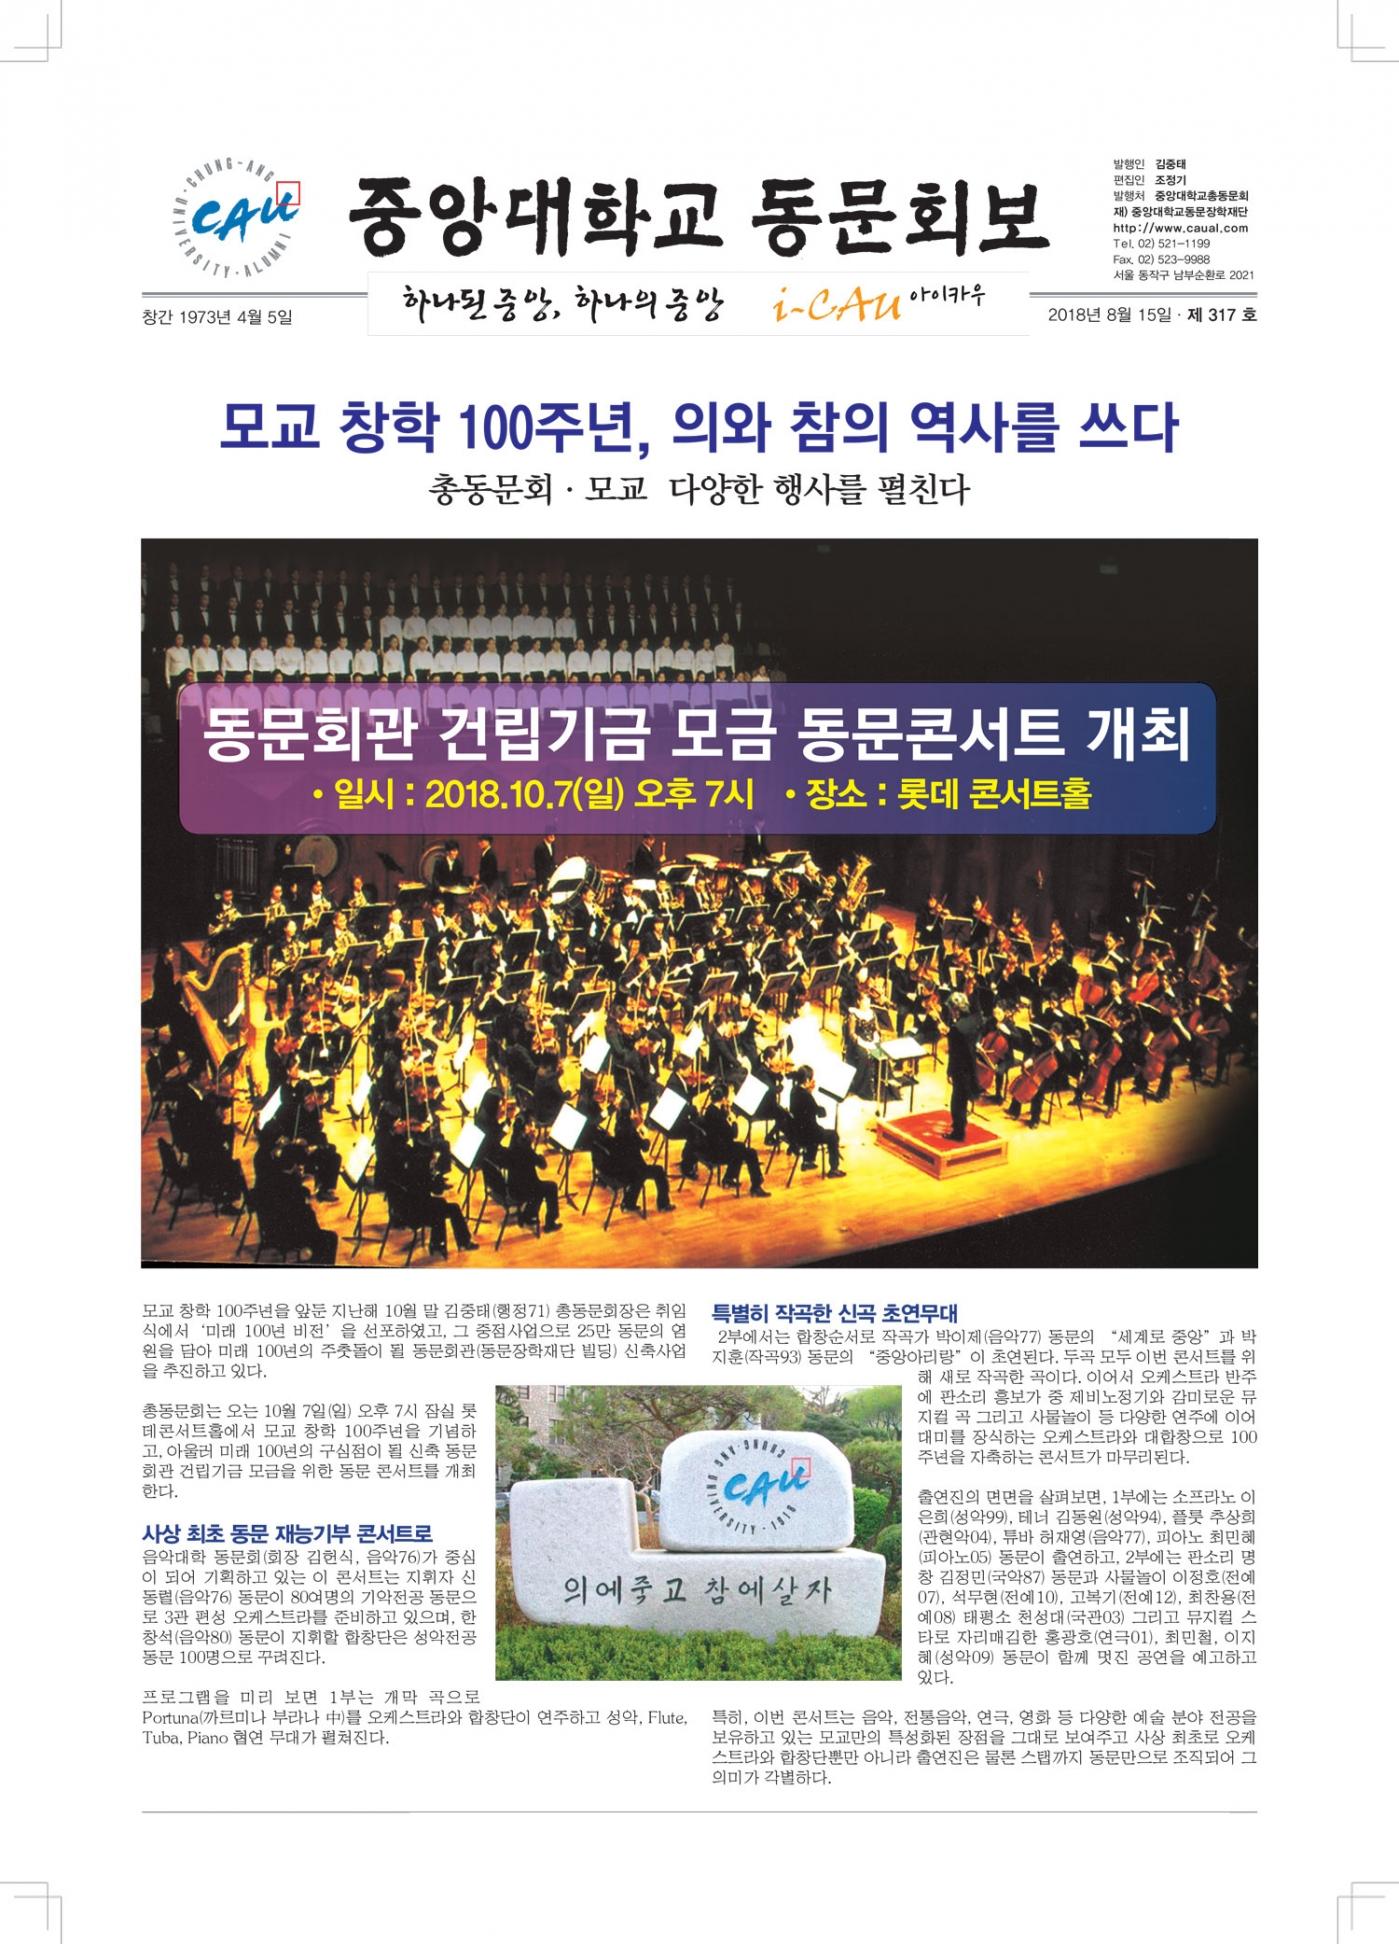 중앙대학교동문317호회보-(6)-1.jpg